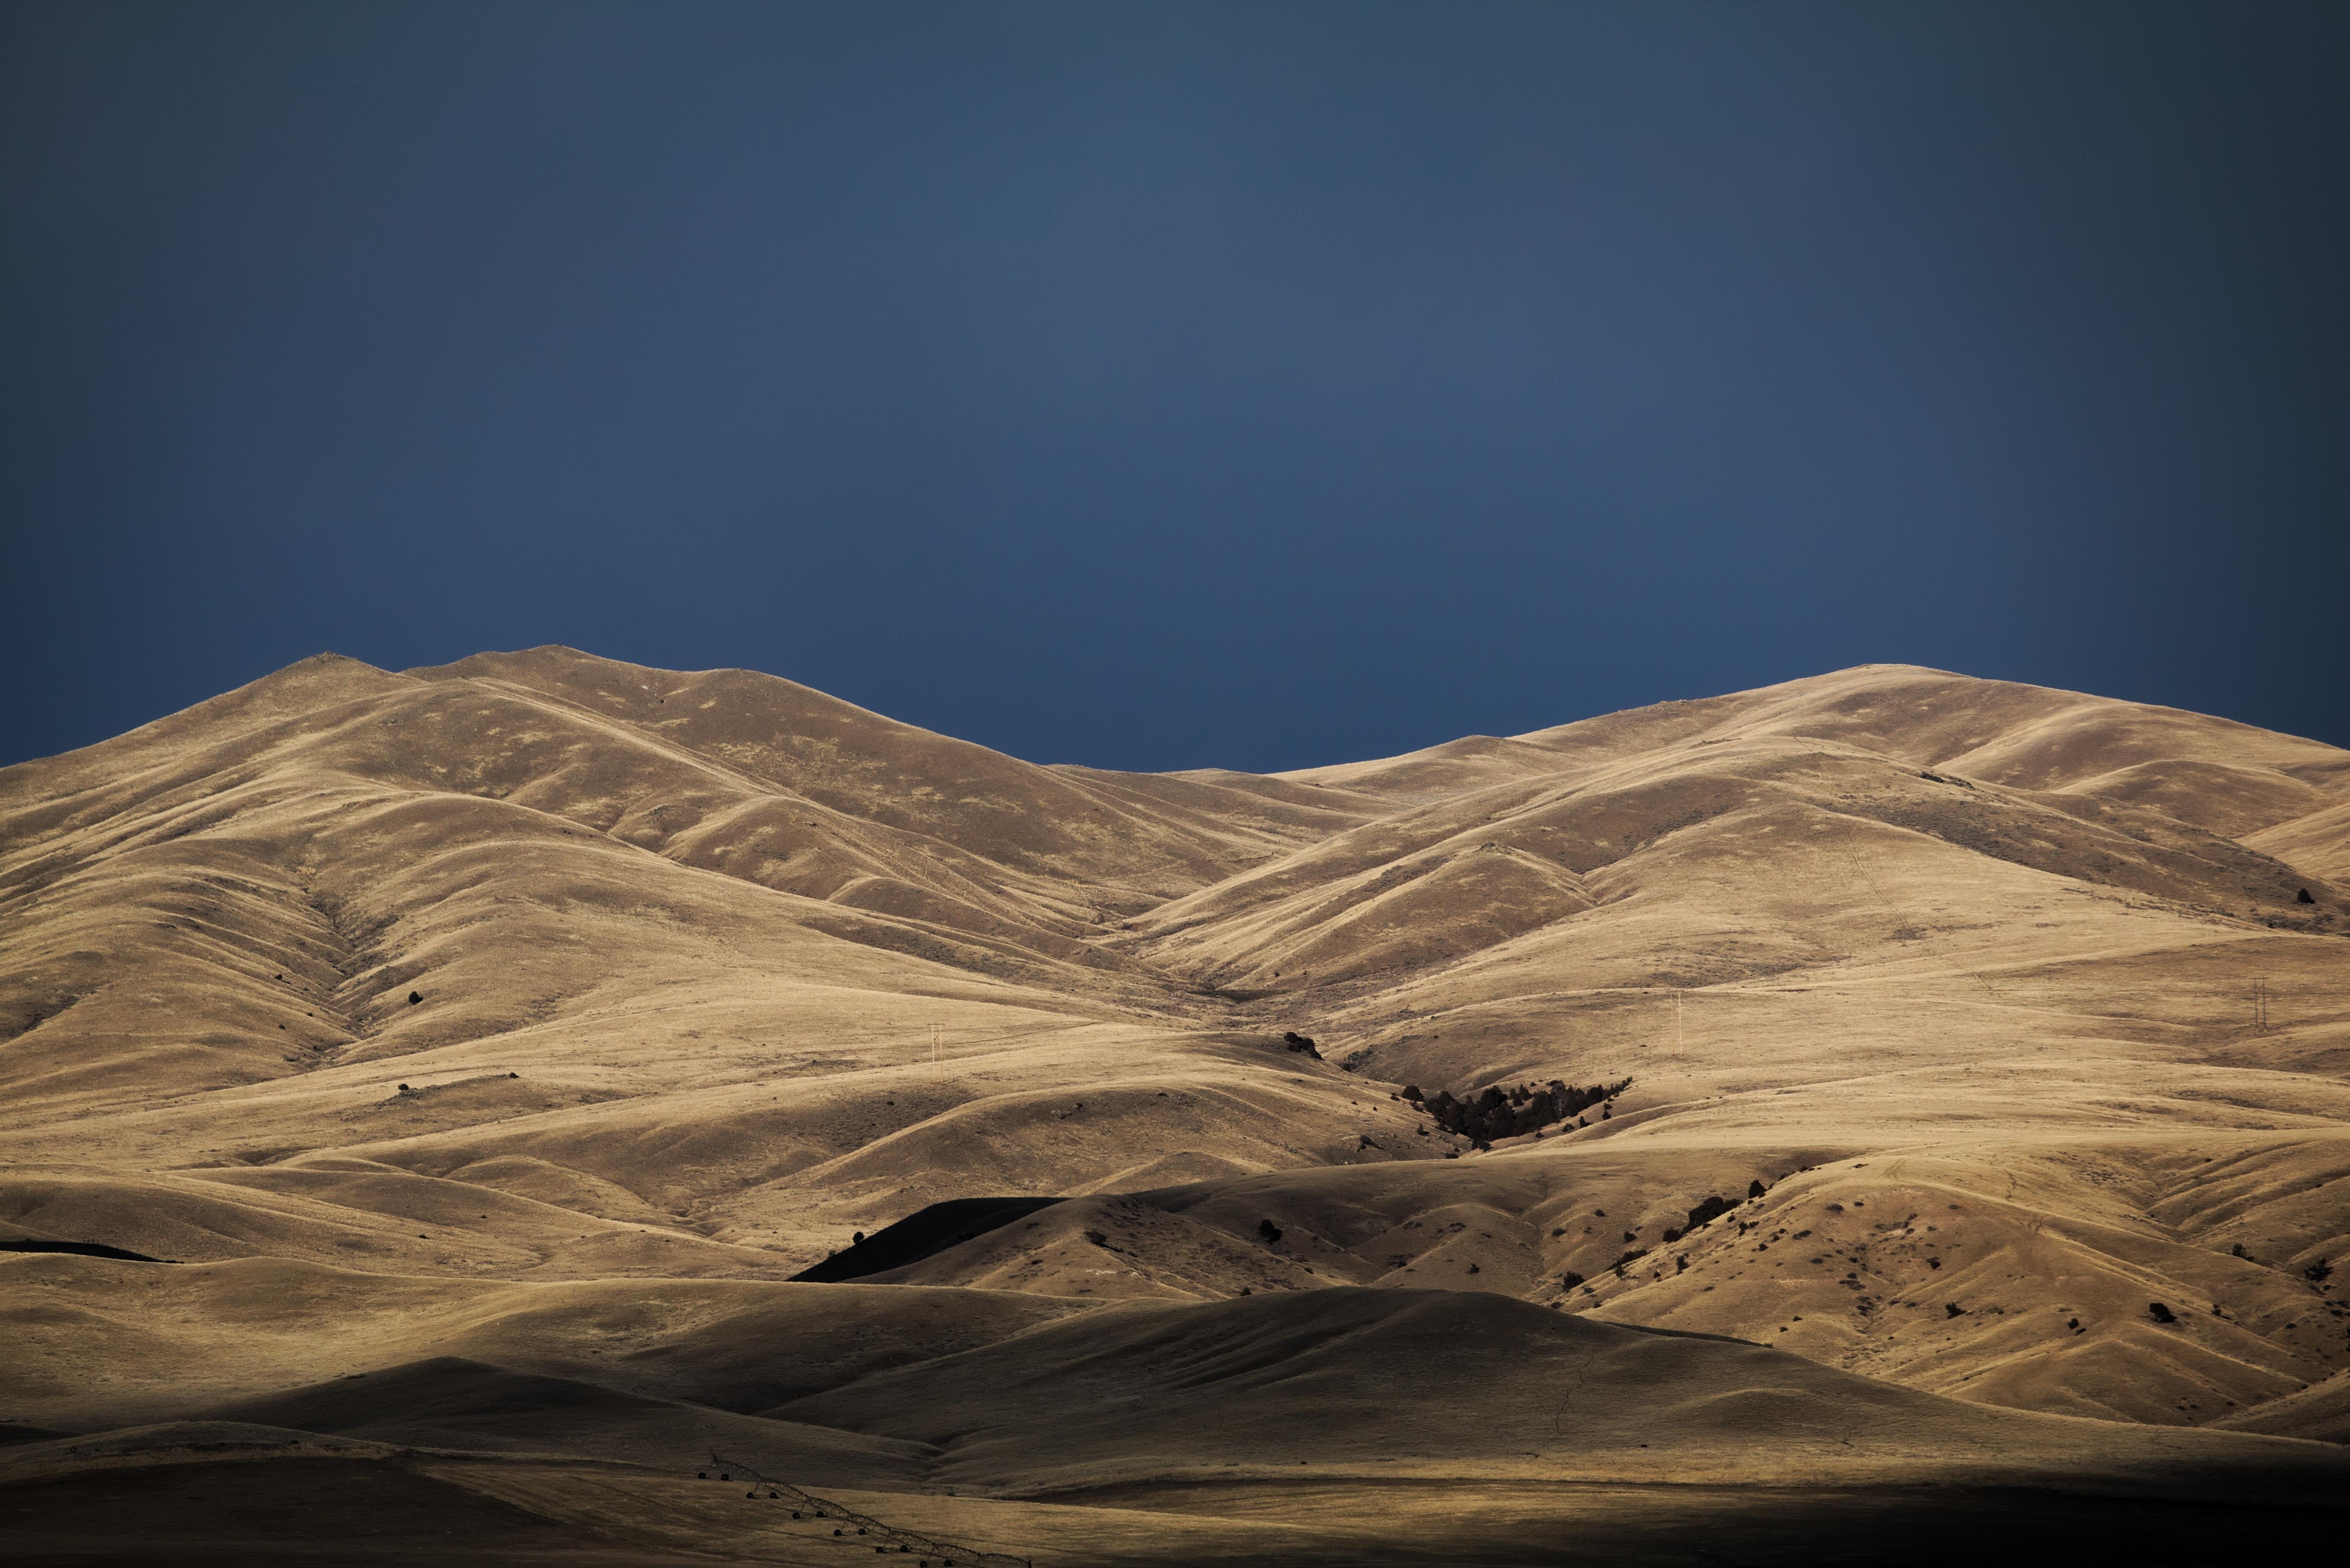 horizon of desert hill